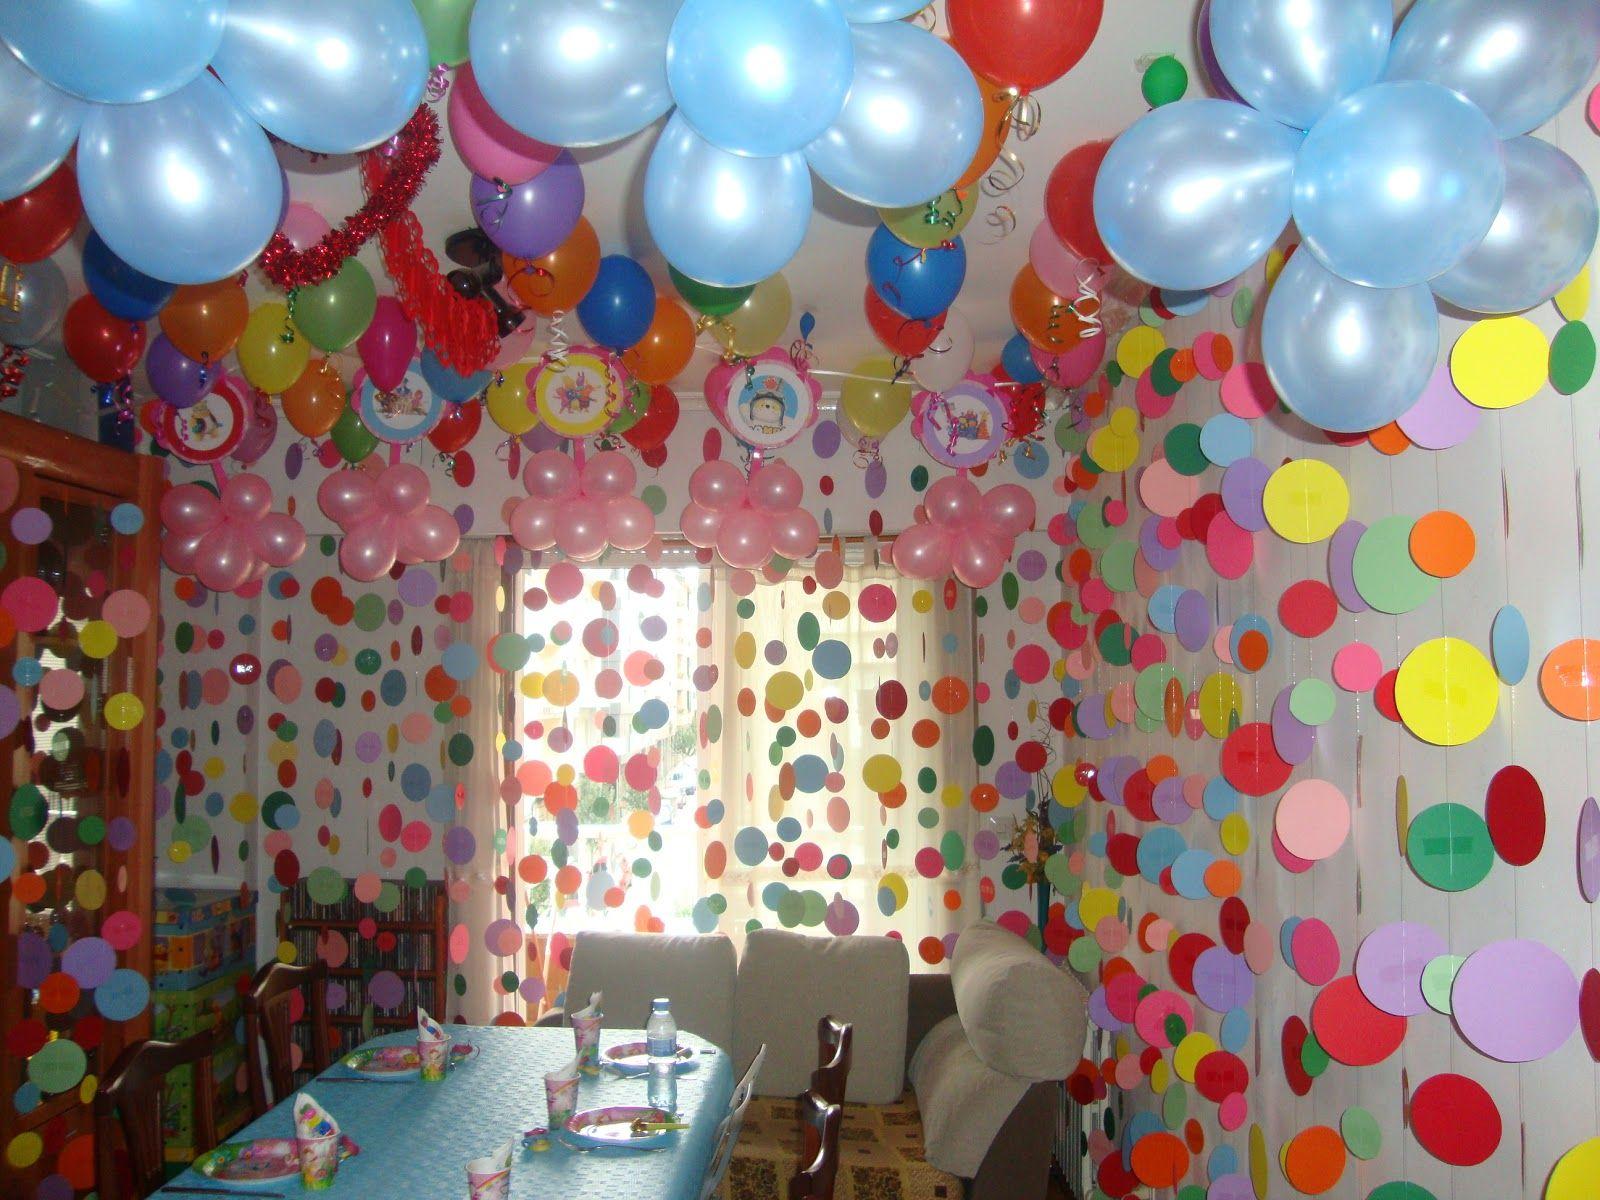 como decorar para un cumpleaos de nio buscar con google - Ideas Para Un Cumpleaos